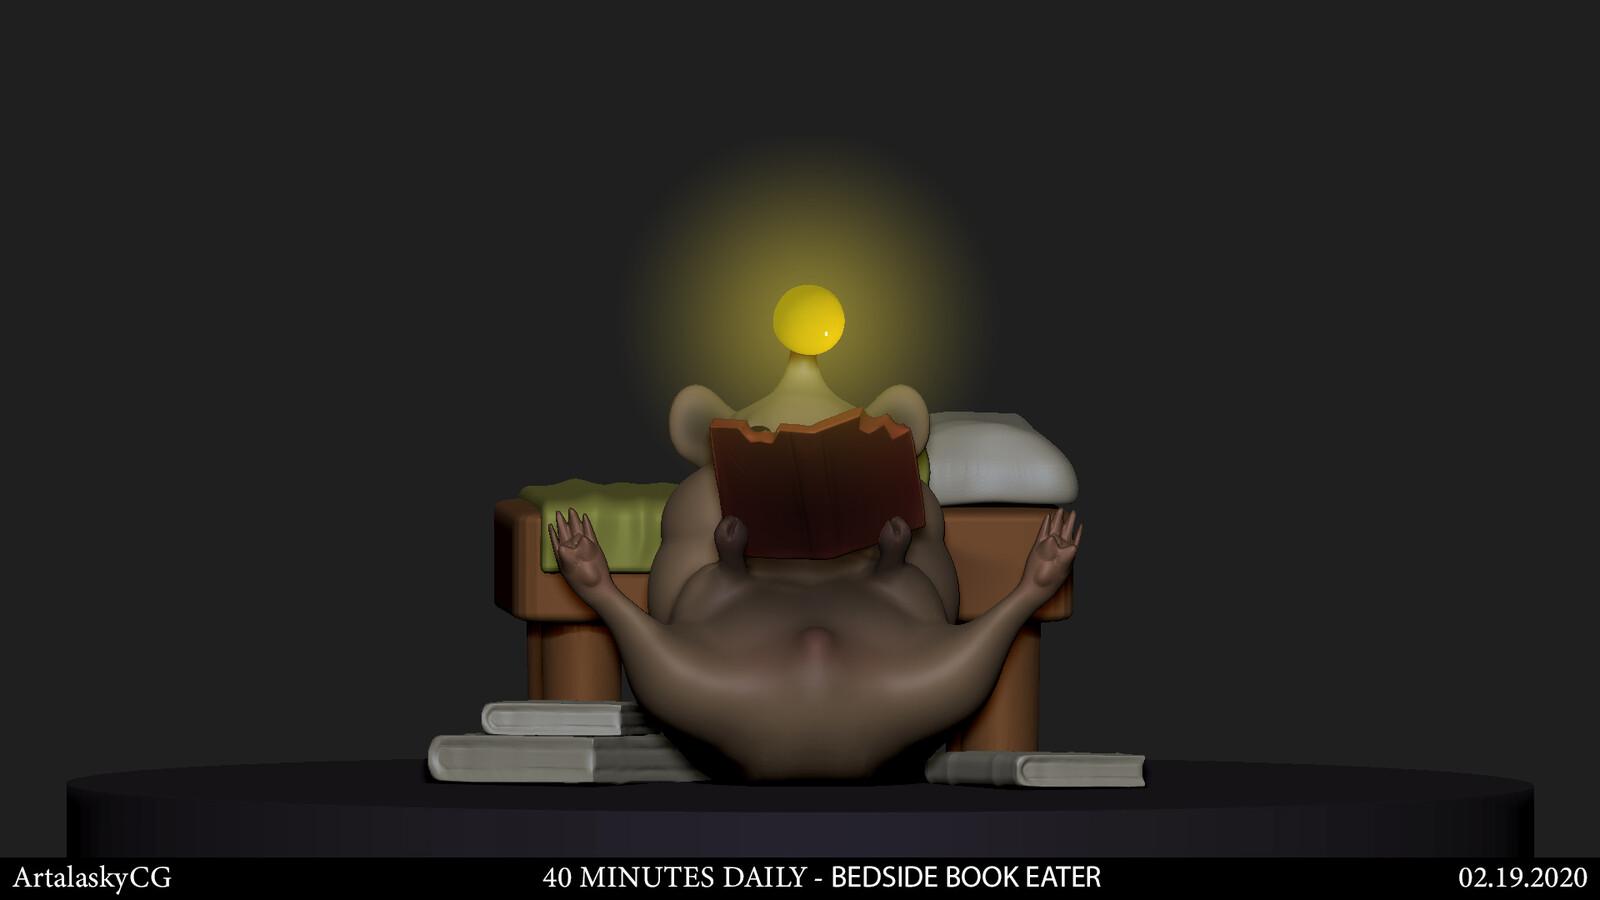 Bedside Books Eater (1st version)